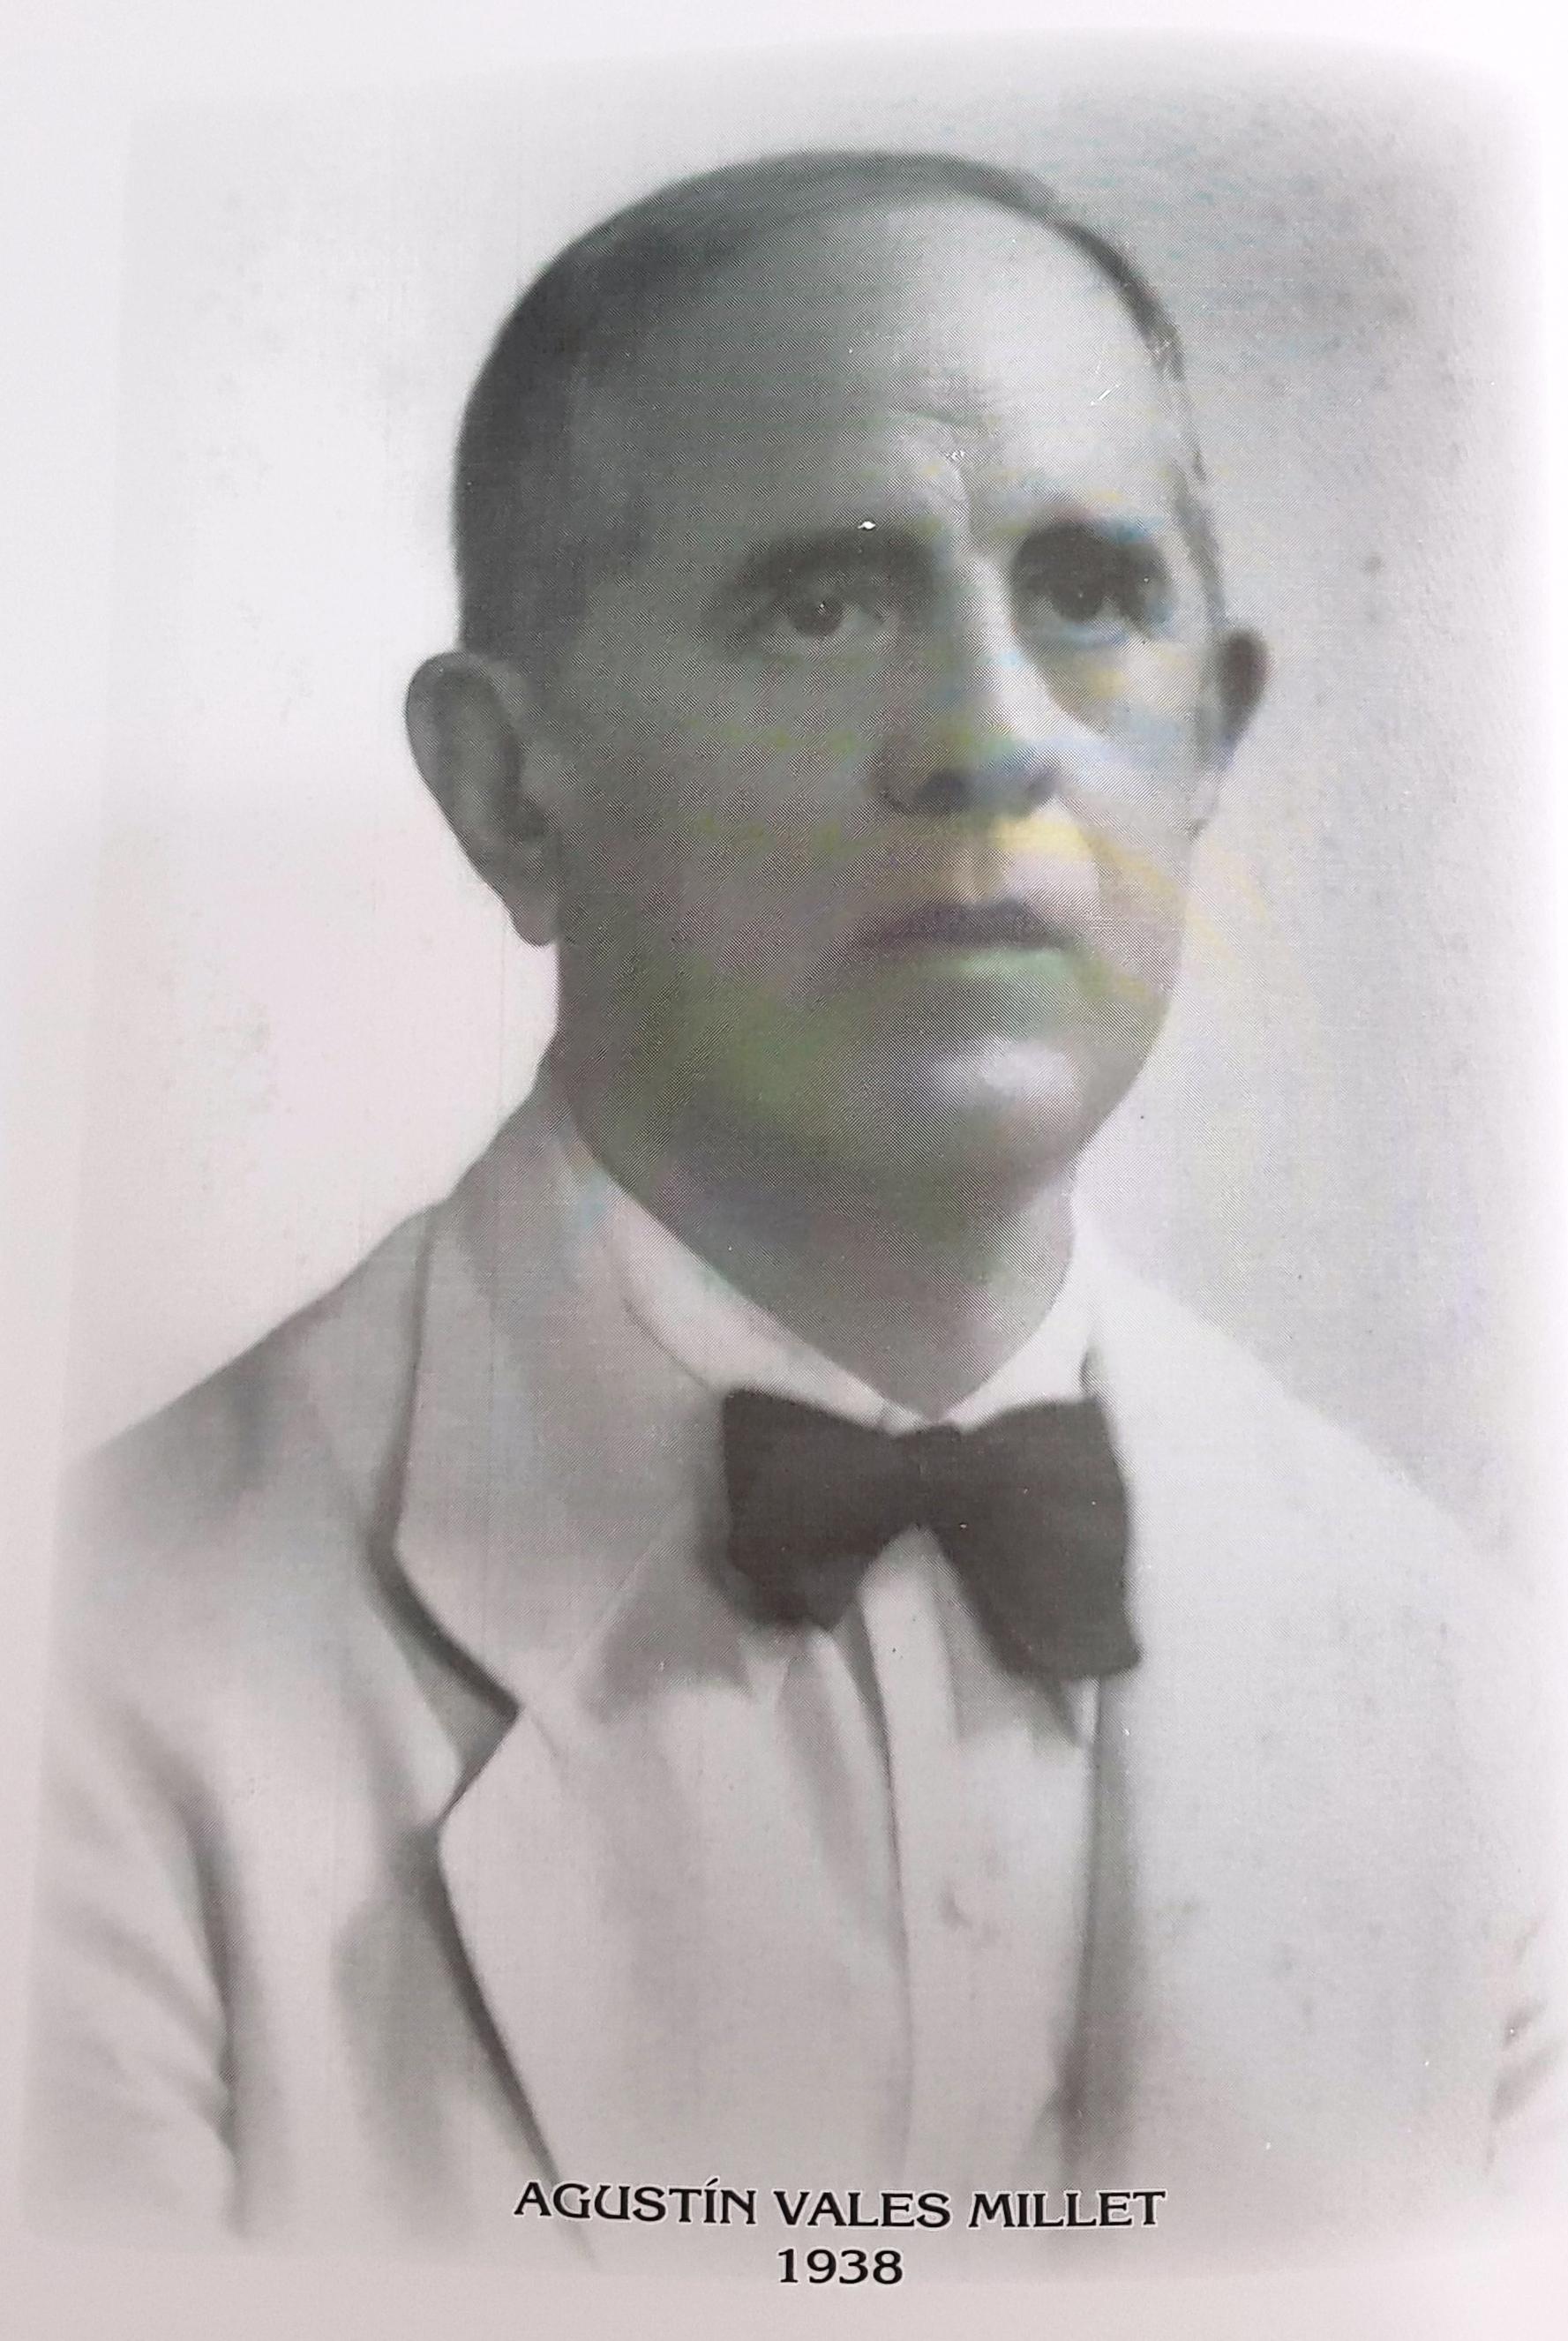 PRESIDENTE DE LA CÁMARA DE COMERCIO DE MÉRIDA SR. AGUSTIN VALES MILLET